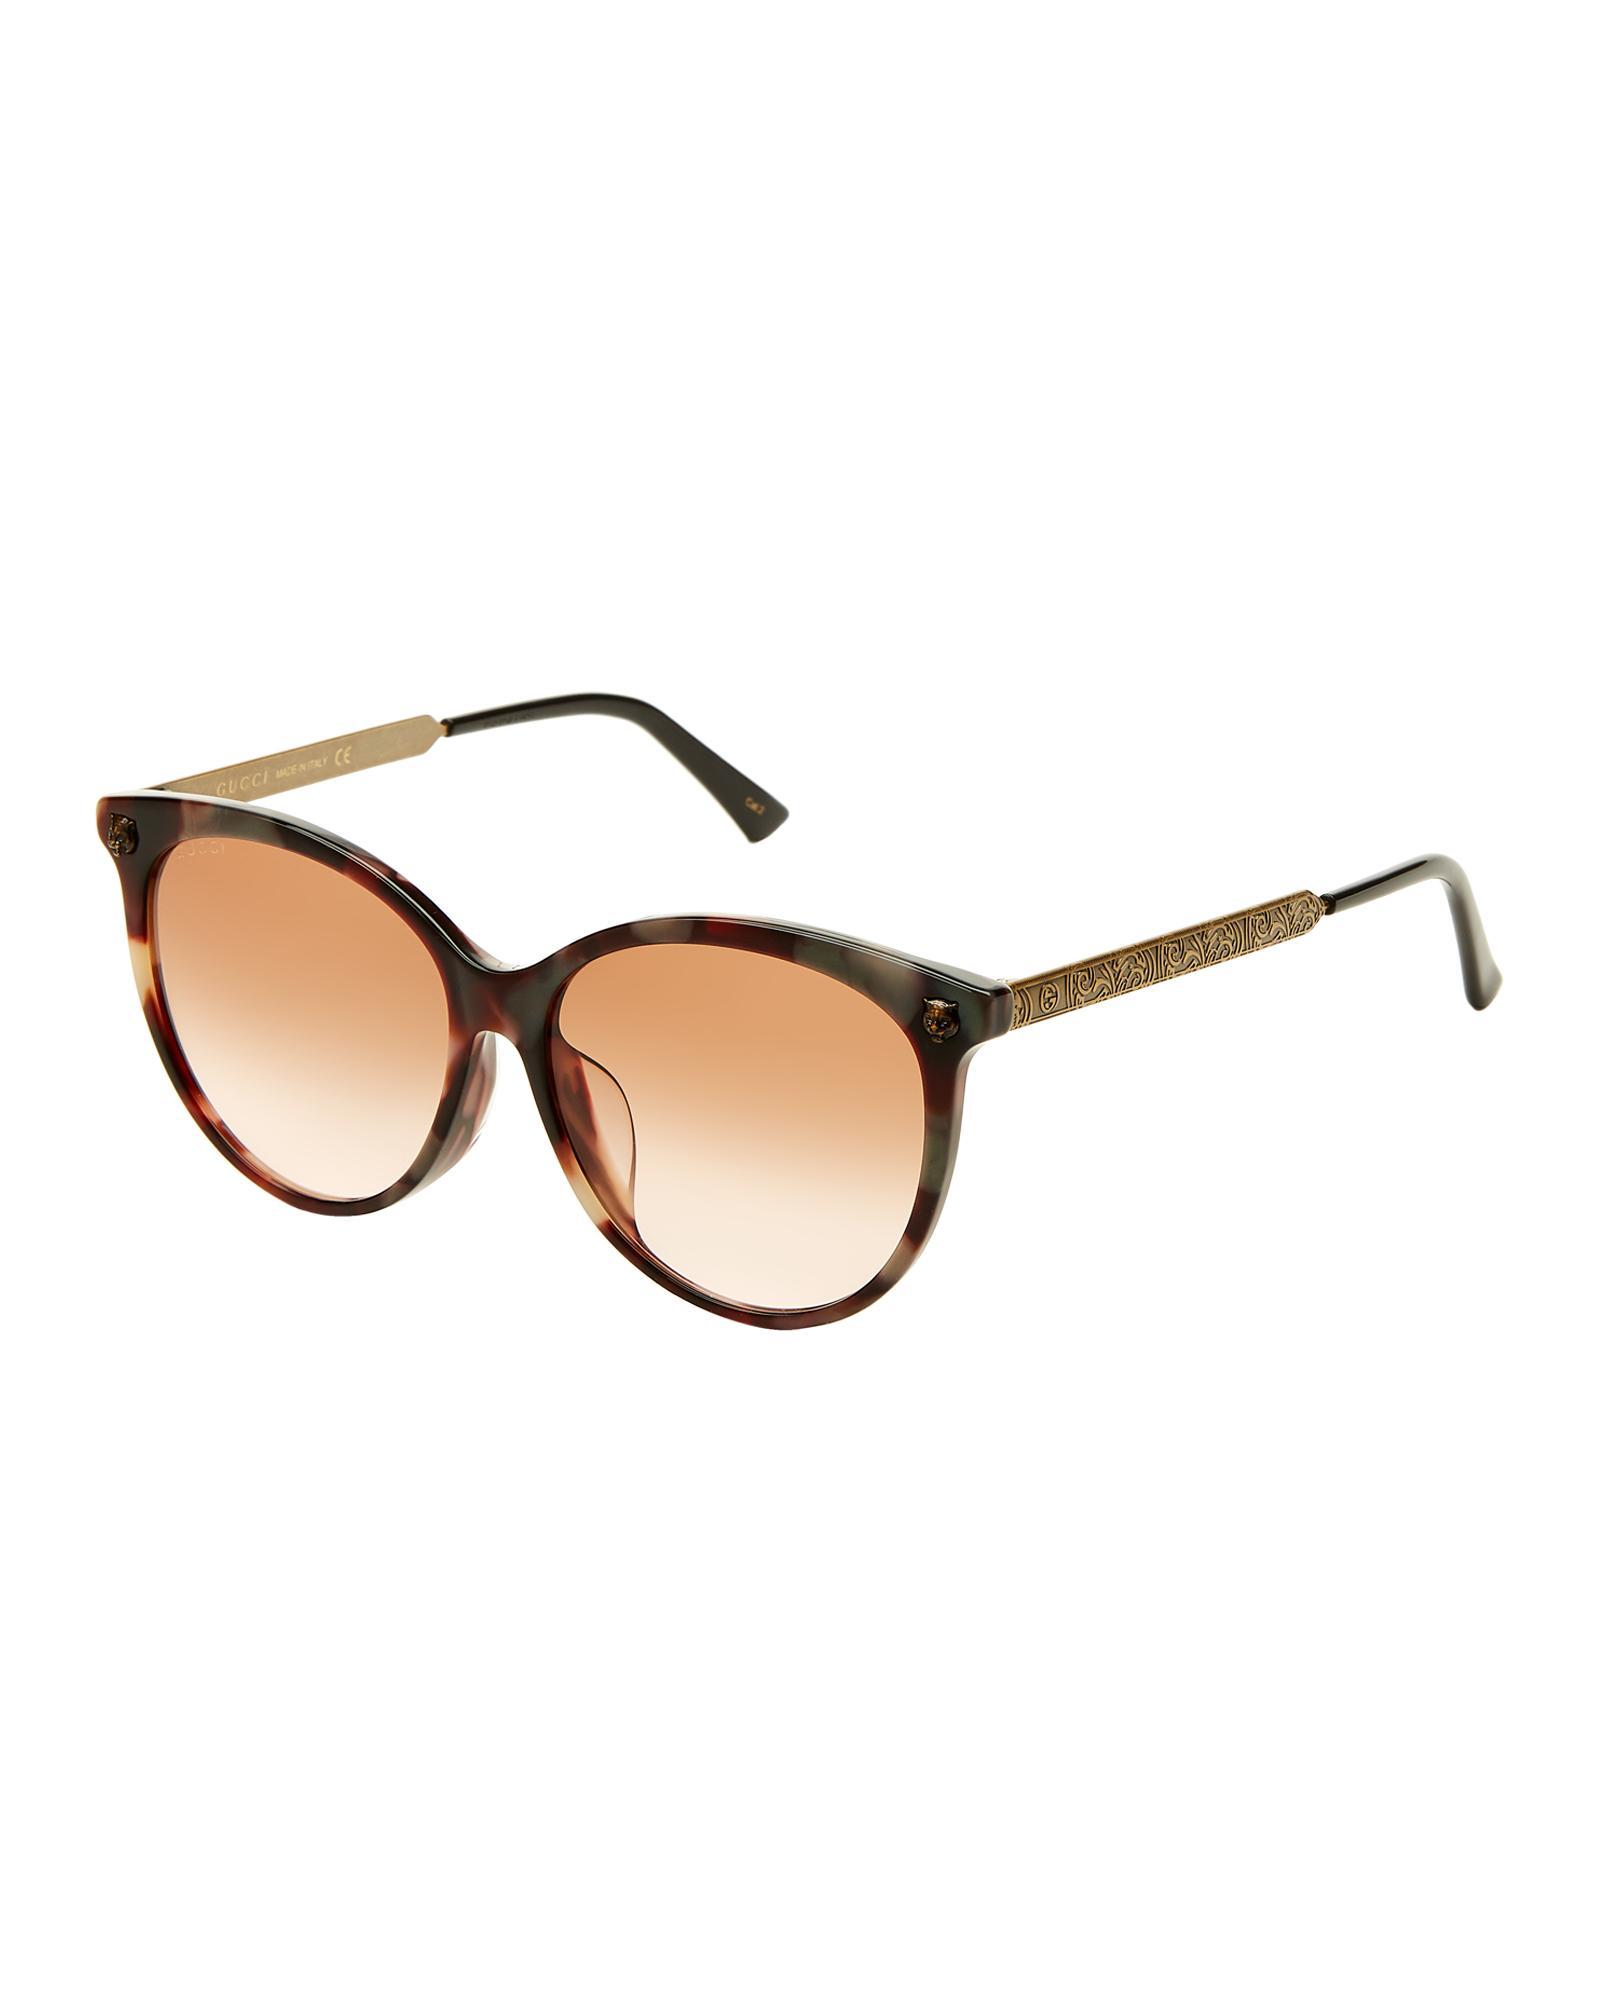 cd6e8ca1b760f Gucci - White GG 0223 sk Tortoiseshell-look Round Sunglasses - Lyst. View  fullscreen